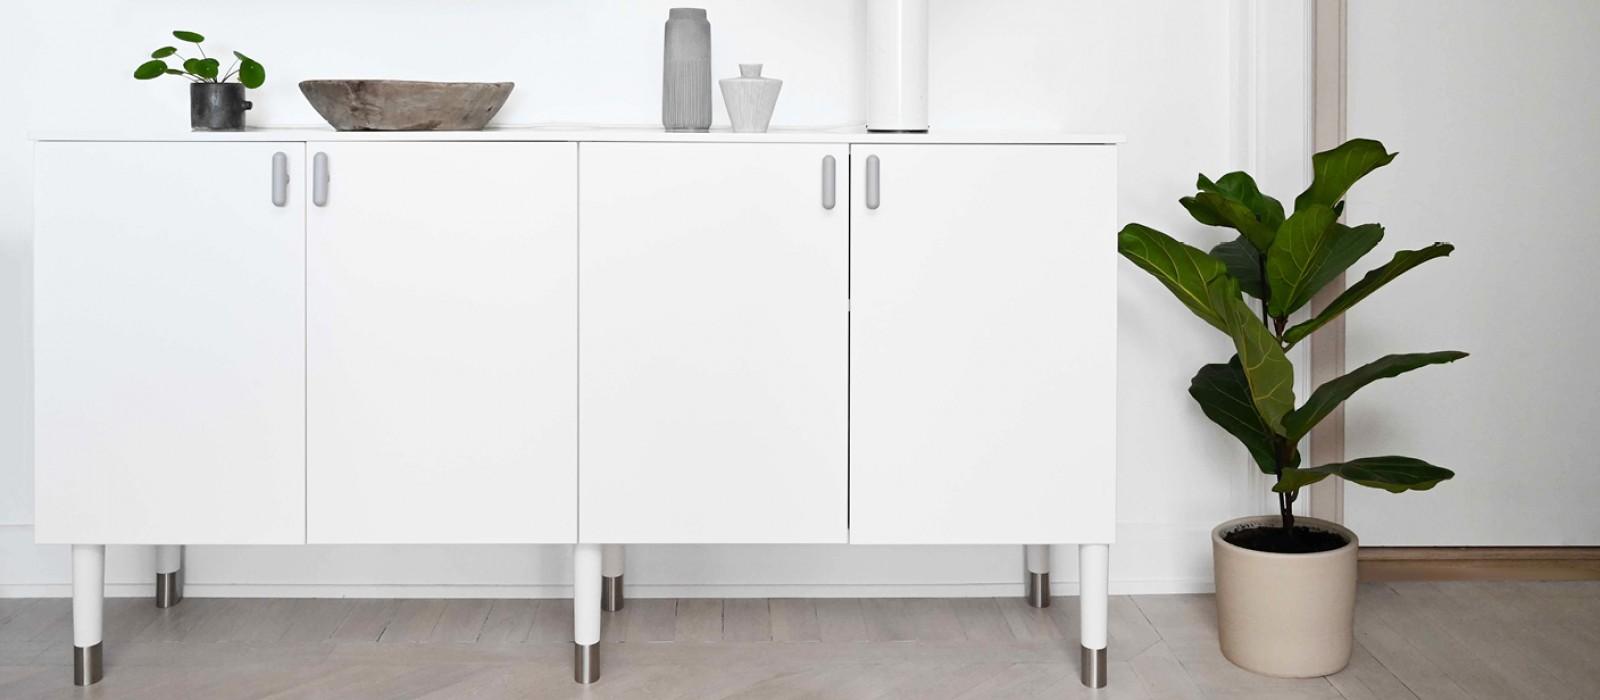 Full Size of Ikea Hacks Aufbewahrung Kaufe Neue Mbelbeine Fr Deine Aufbewahrungsmbel Prettypegs Modulküche Küche Kosten Betten Bei Aufbewahrungsbehälter Wohnzimmer Ikea Hacks Aufbewahrung